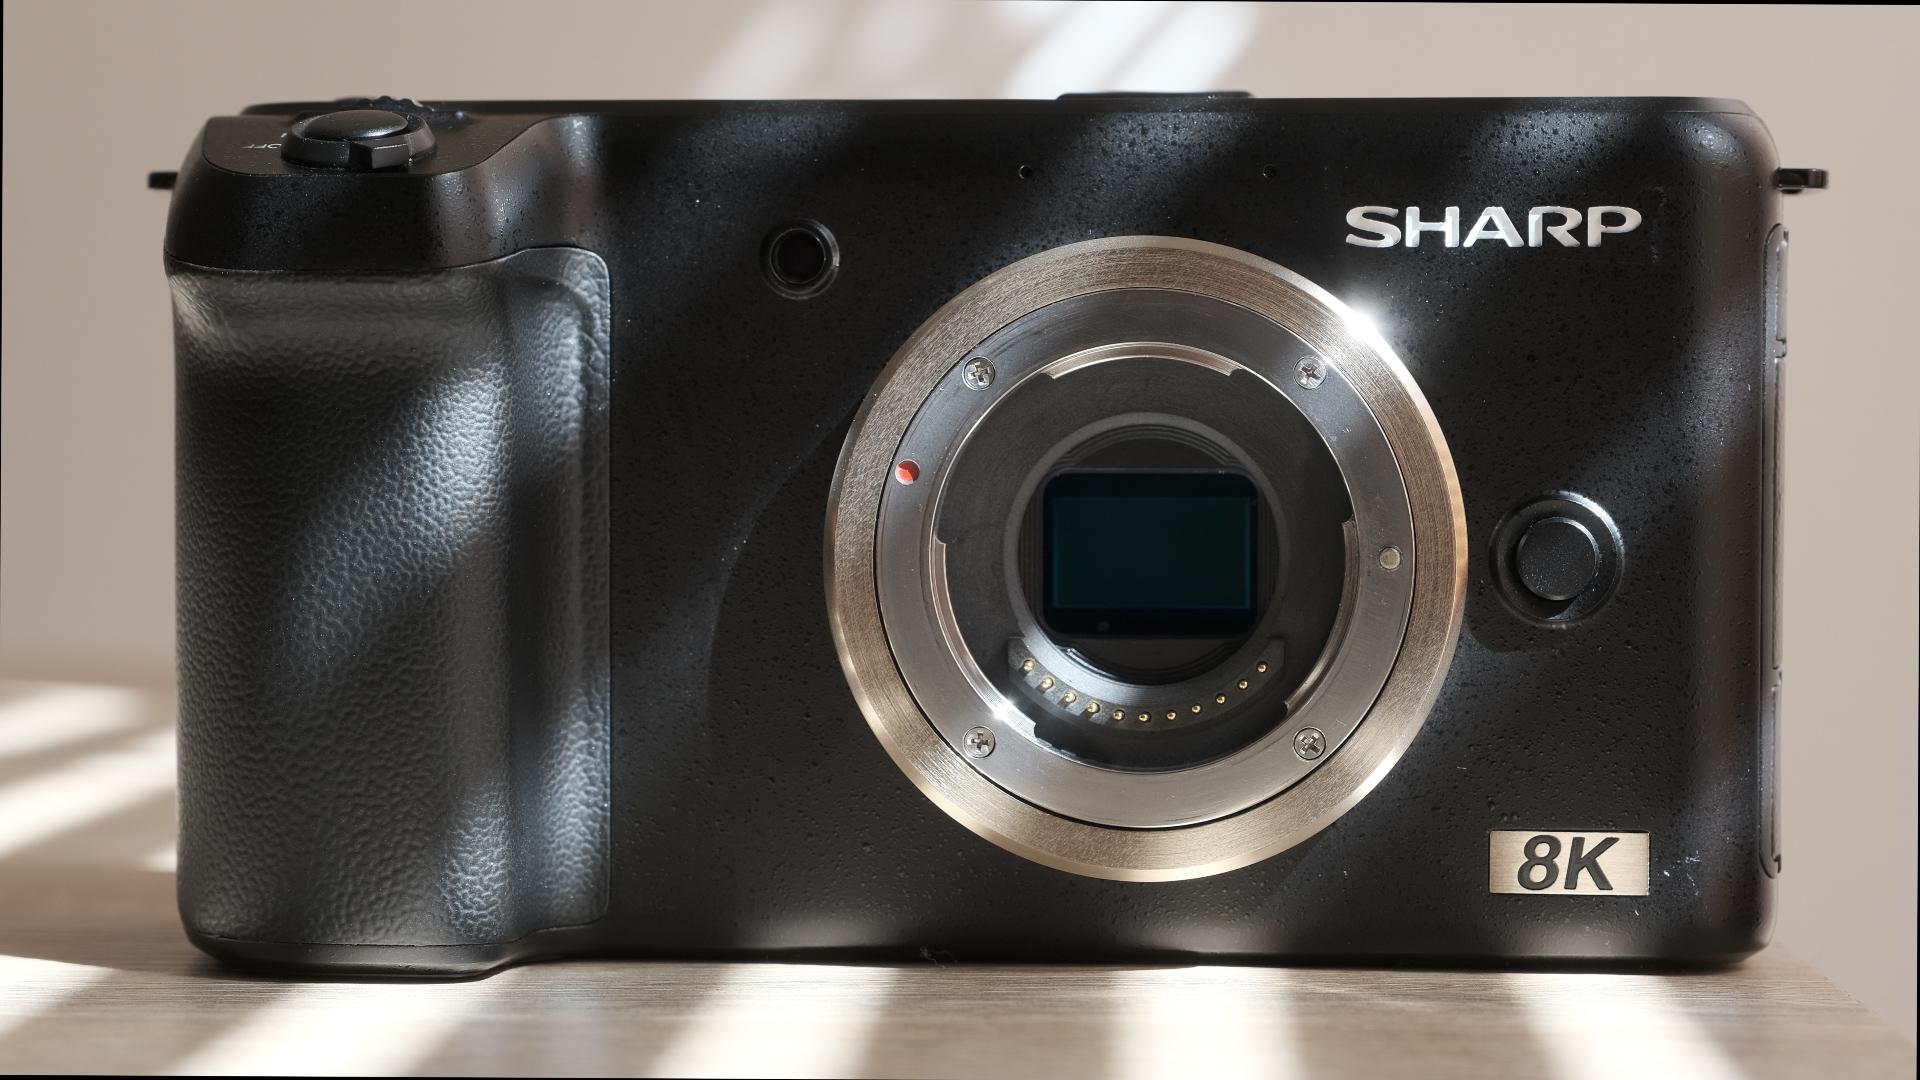 シャープが8K MFTカメラのプロトタイプを展示